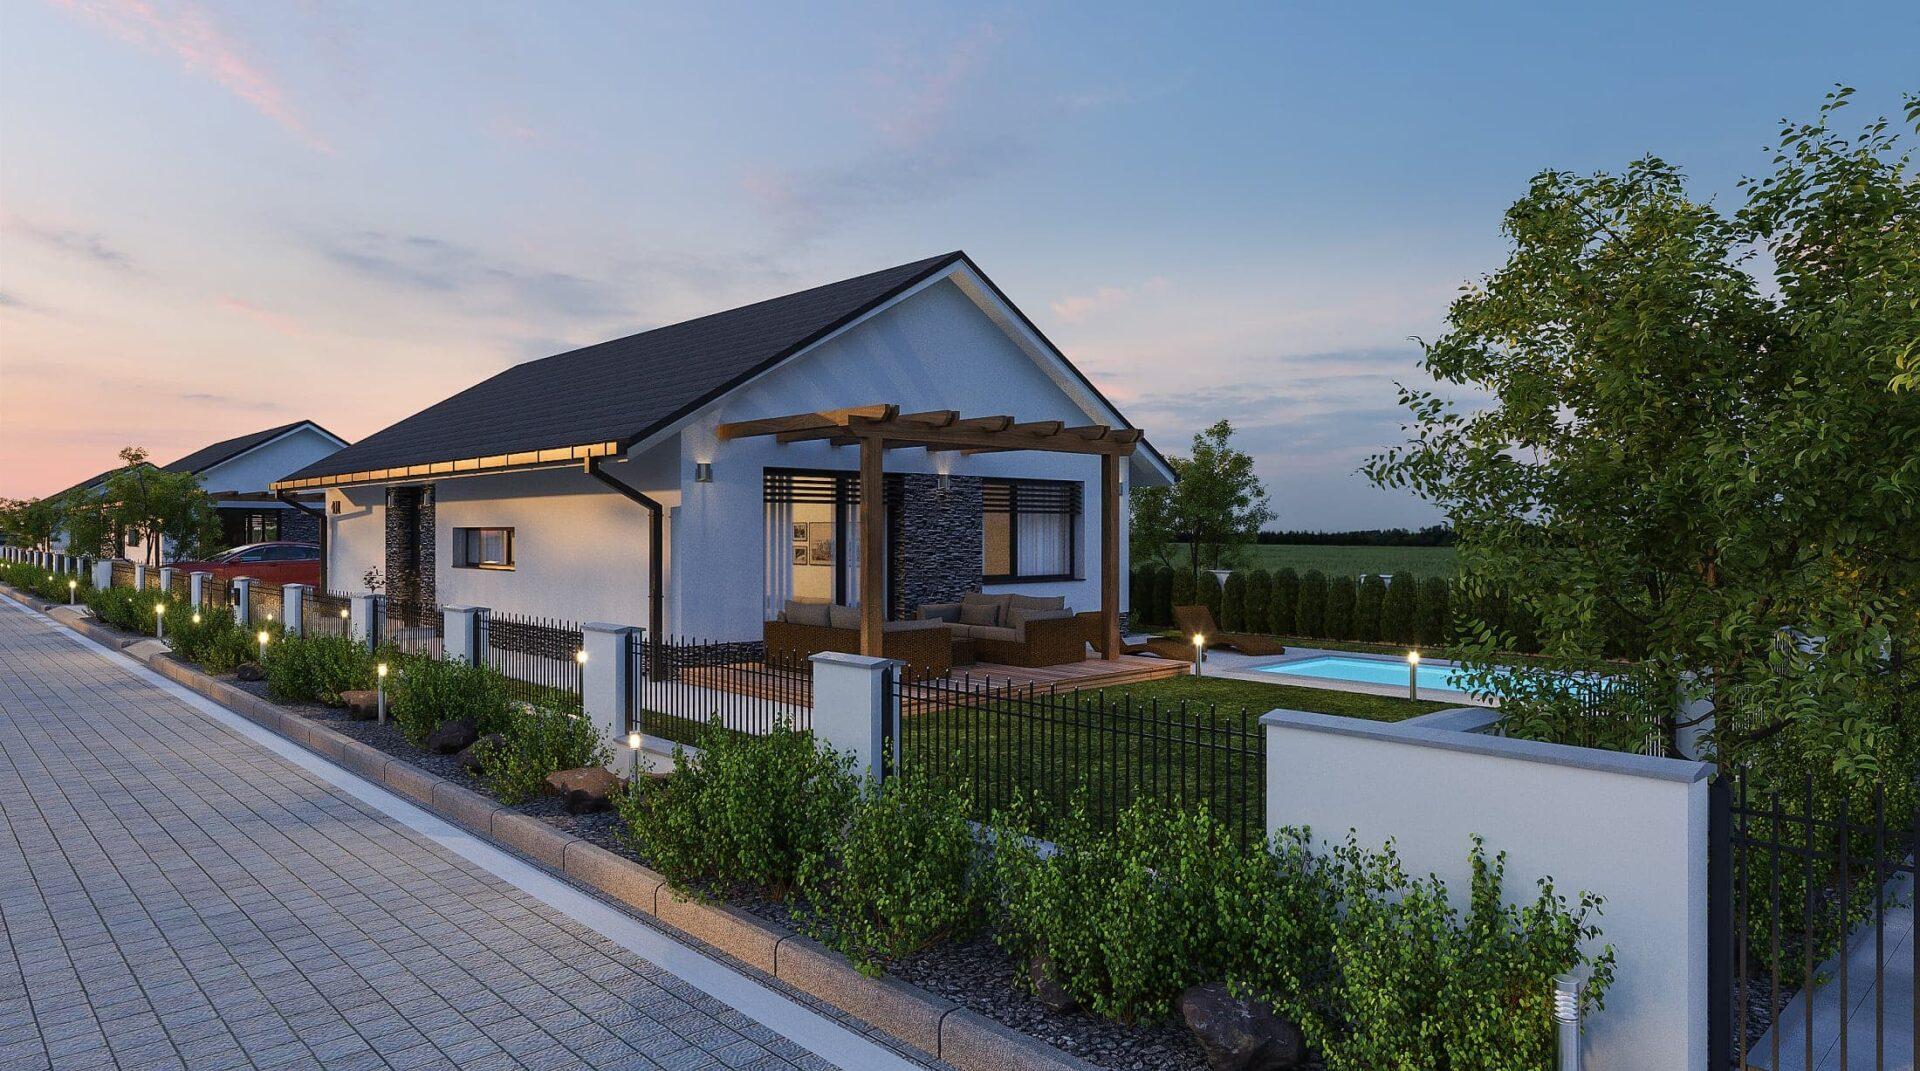 projekt rodinného domu style 230